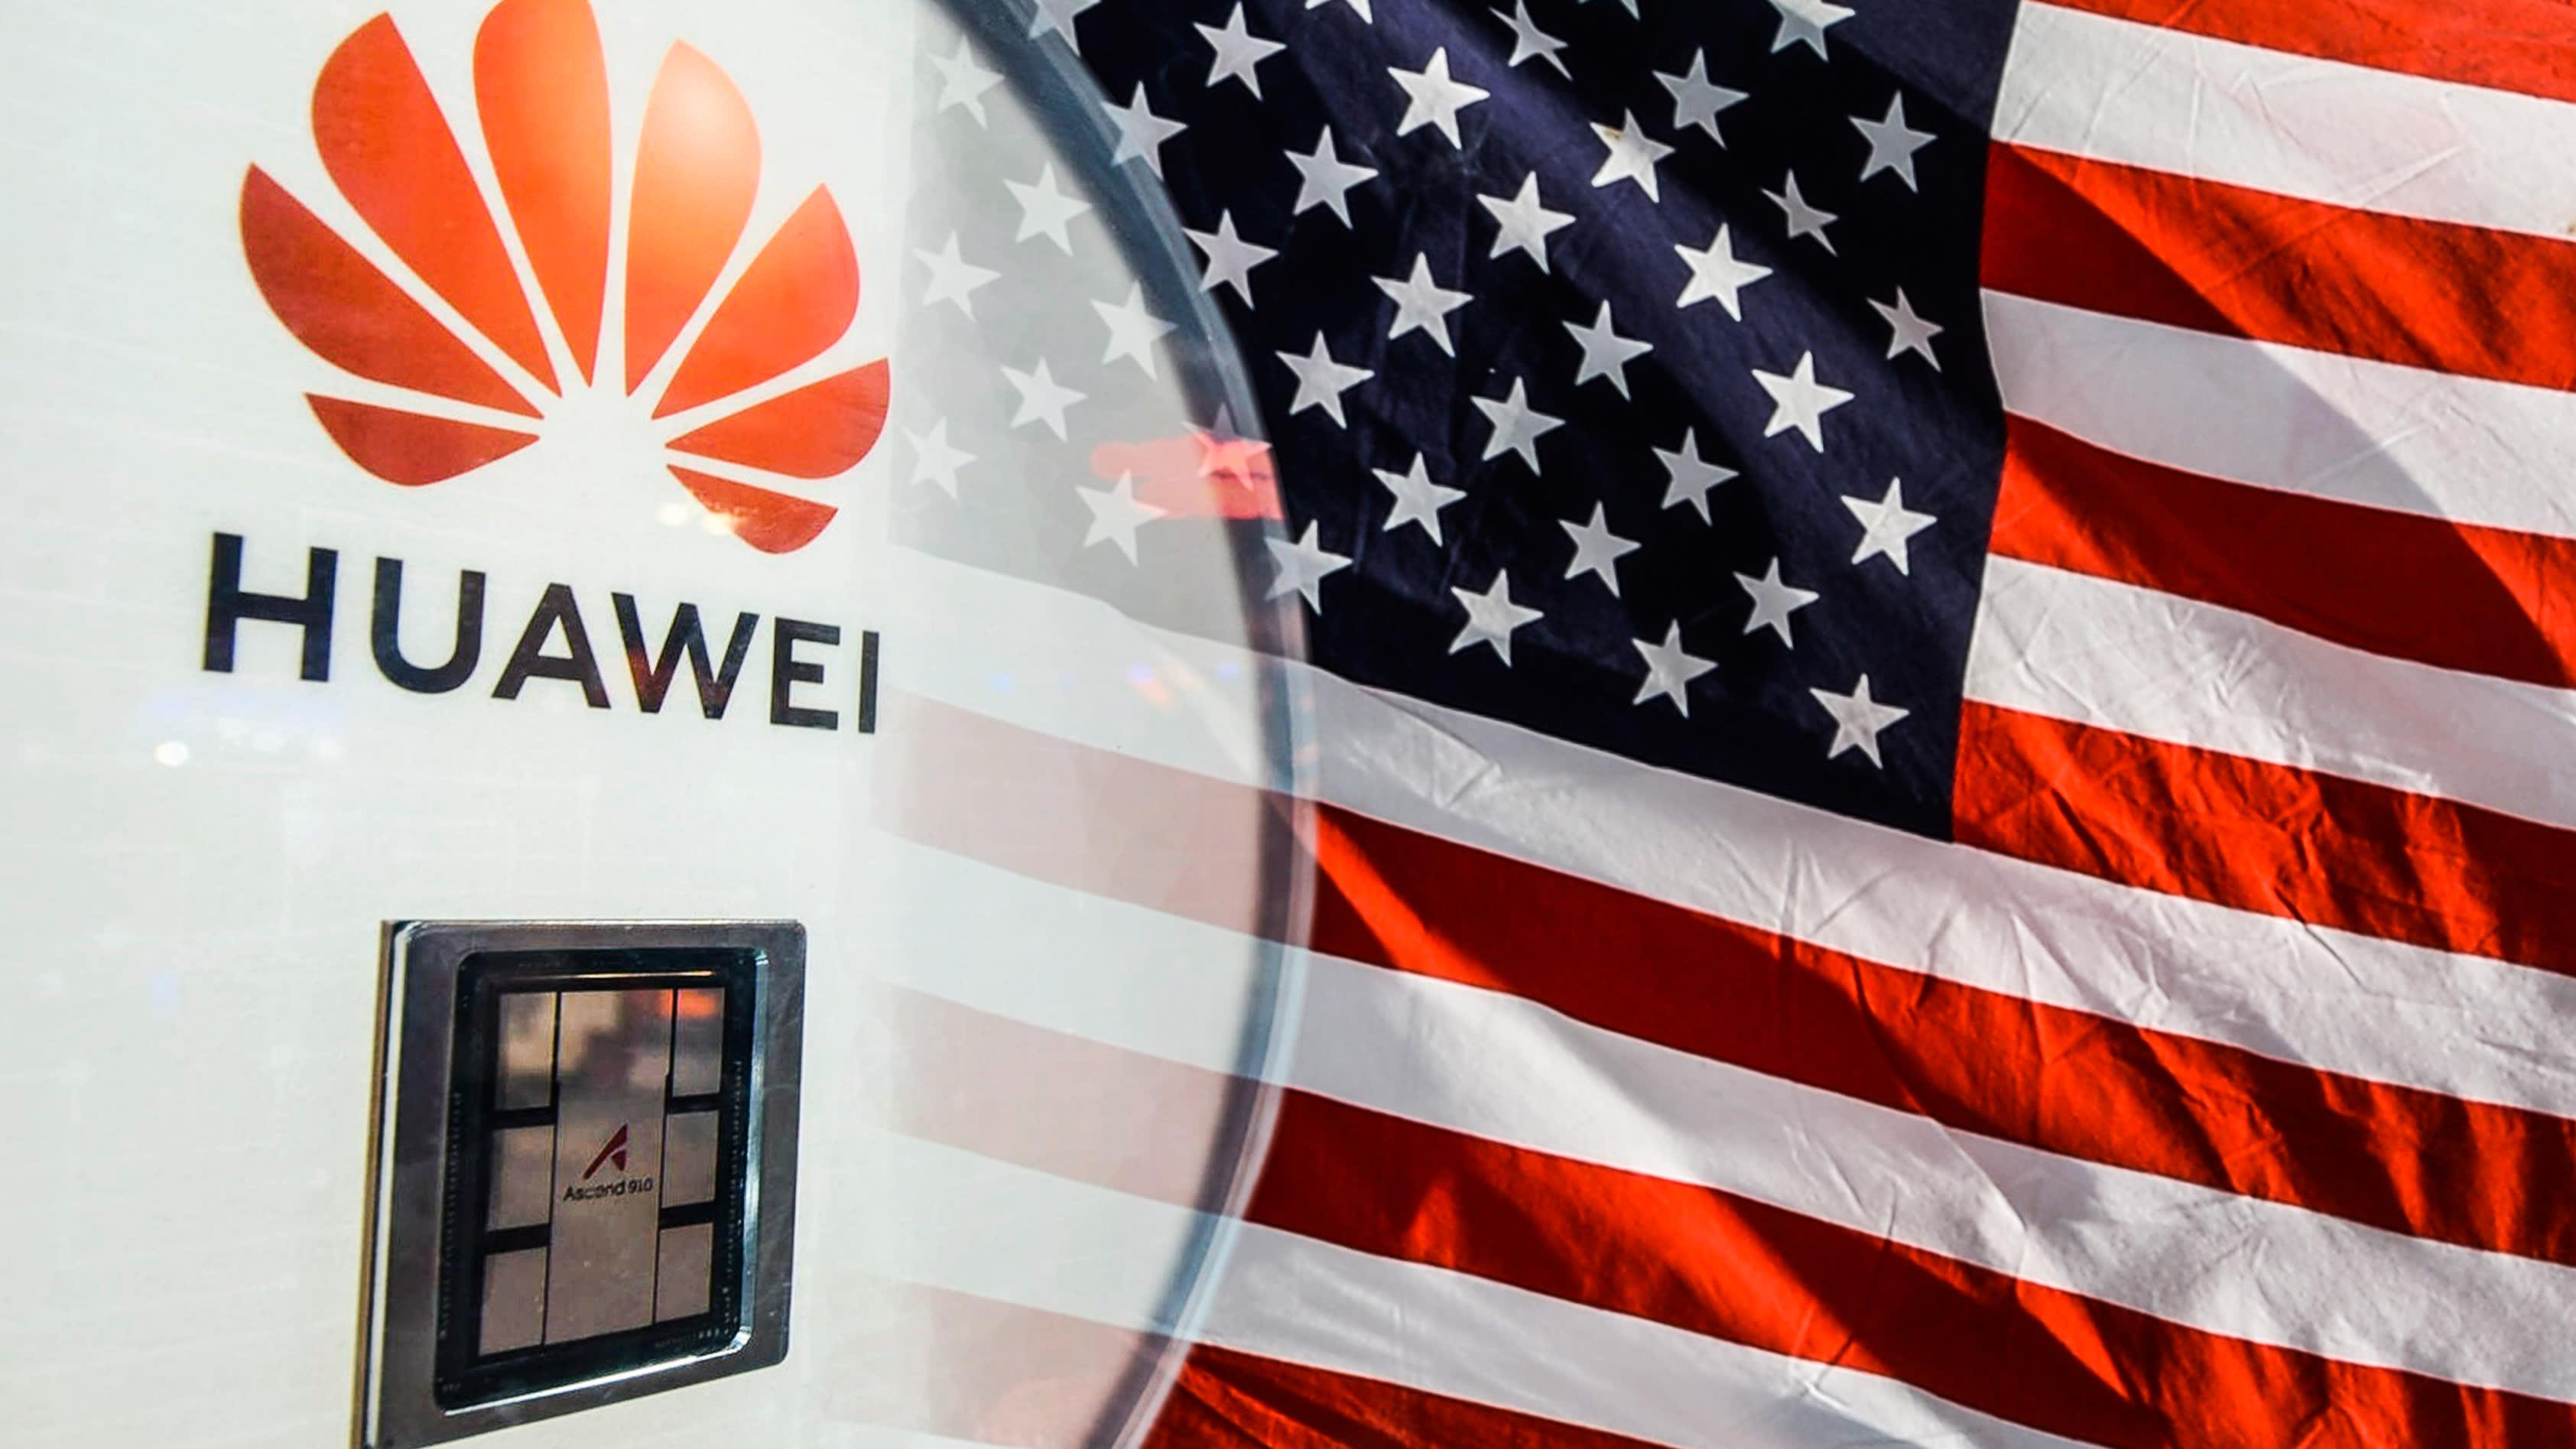 Huawei xây dựng kho chip dự trữ đủ dùng trong 2 năm trước những lệnh cấm mới từ Mỹ - Ảnh 1.